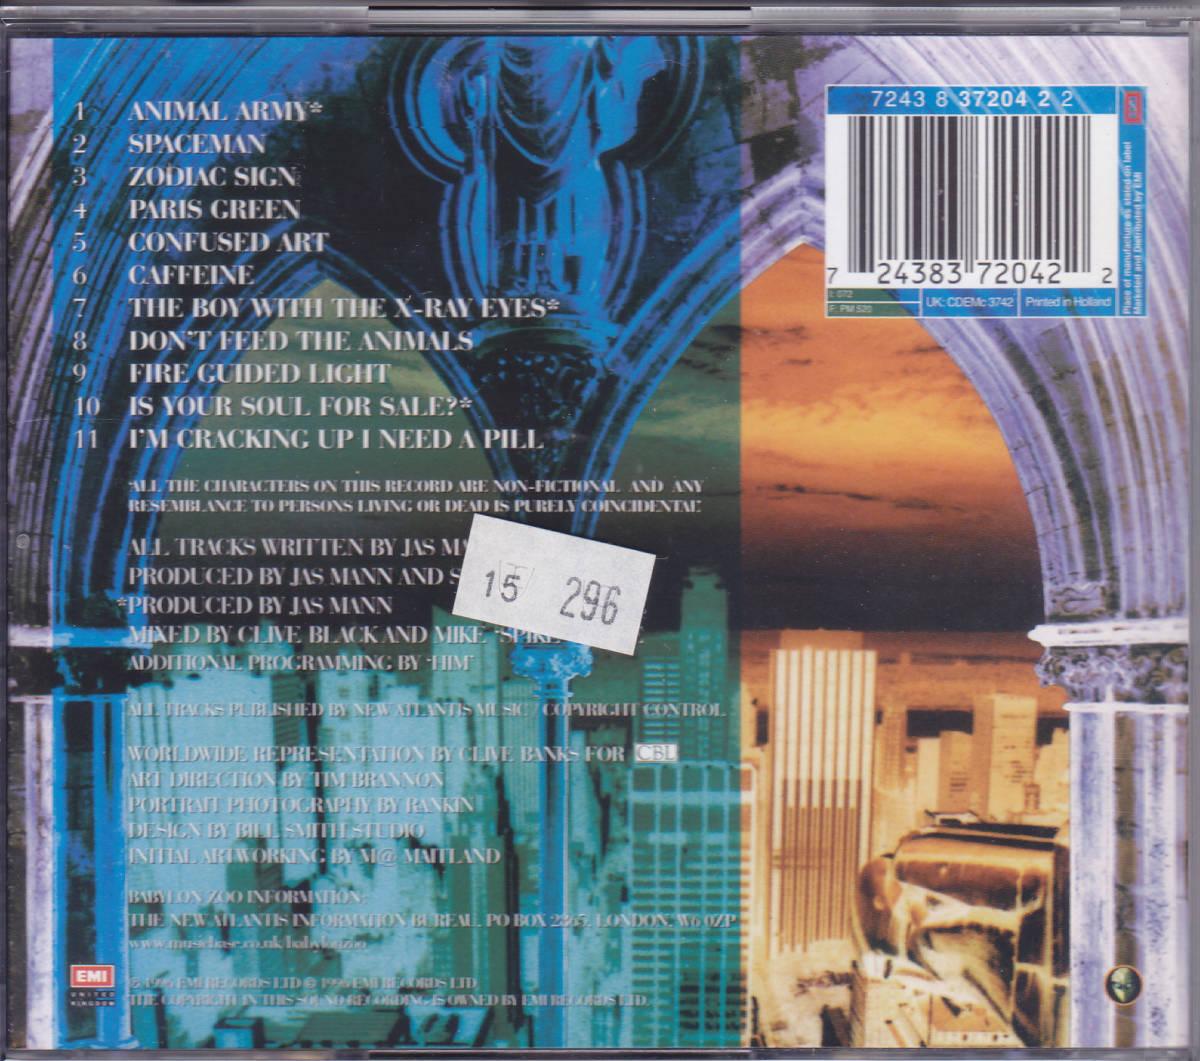 バビロン・ズー Babylon Zoo - The Boy With The X-Ray Eyes /EU盤/中古CD!!37993_画像2